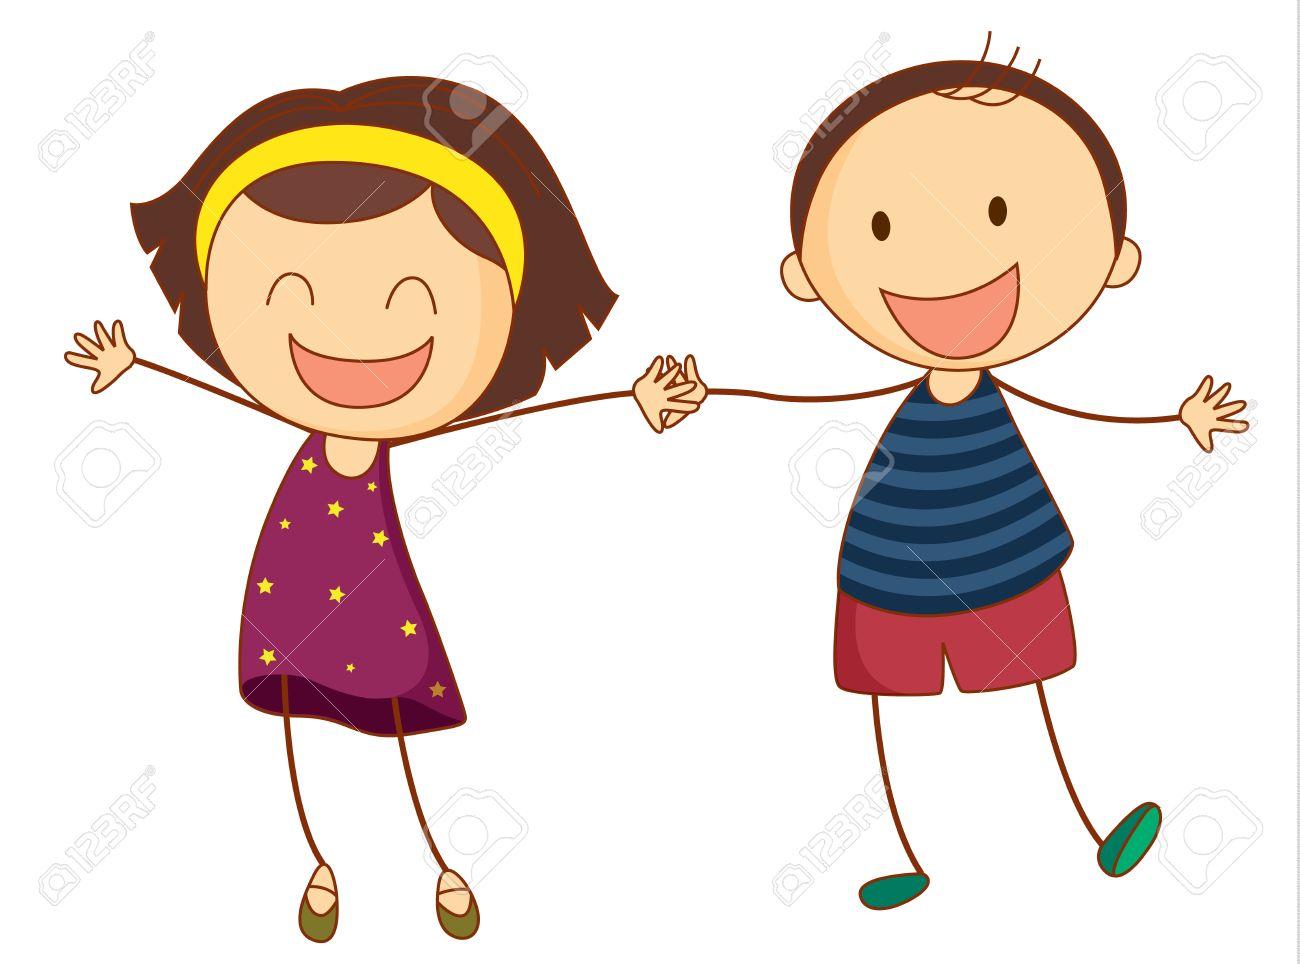 手を繋いでいる 2 人の女の子のイラストのイラスト素材ベクタ Image